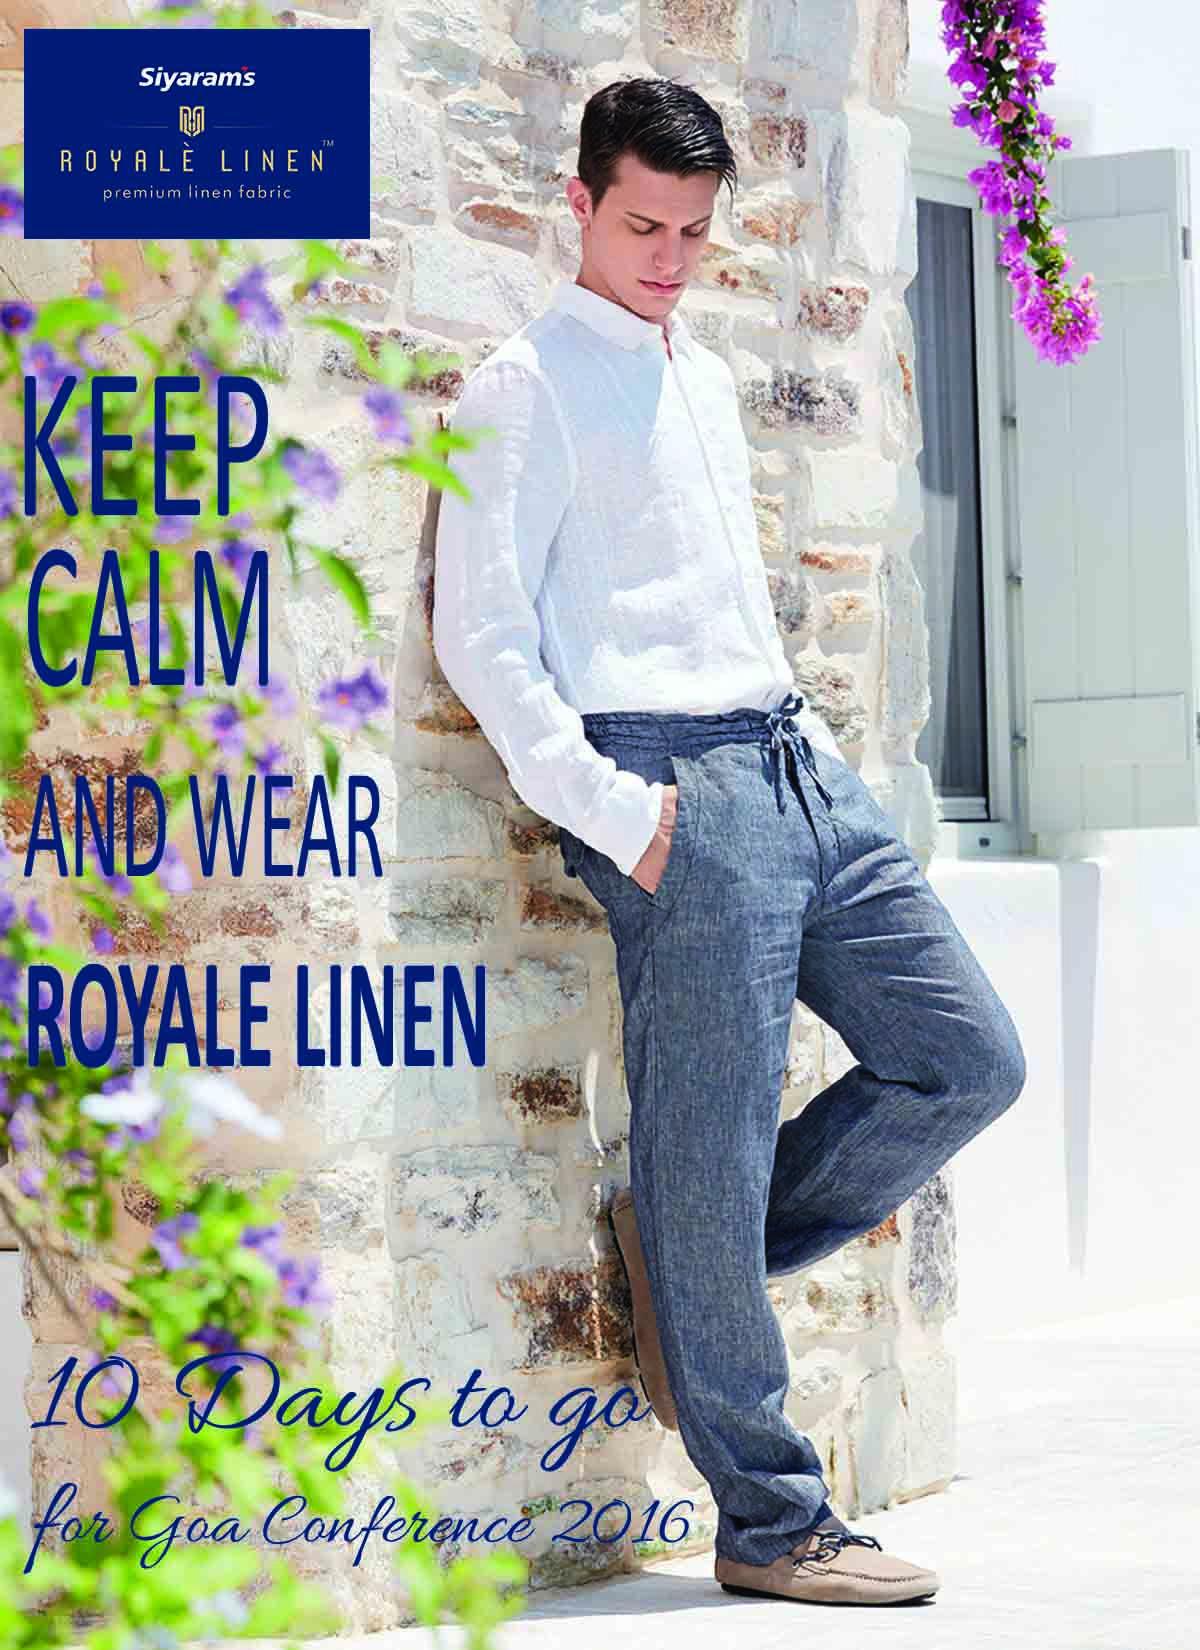 Reminder Design for Siyaram's Royale Linen by Padmaja